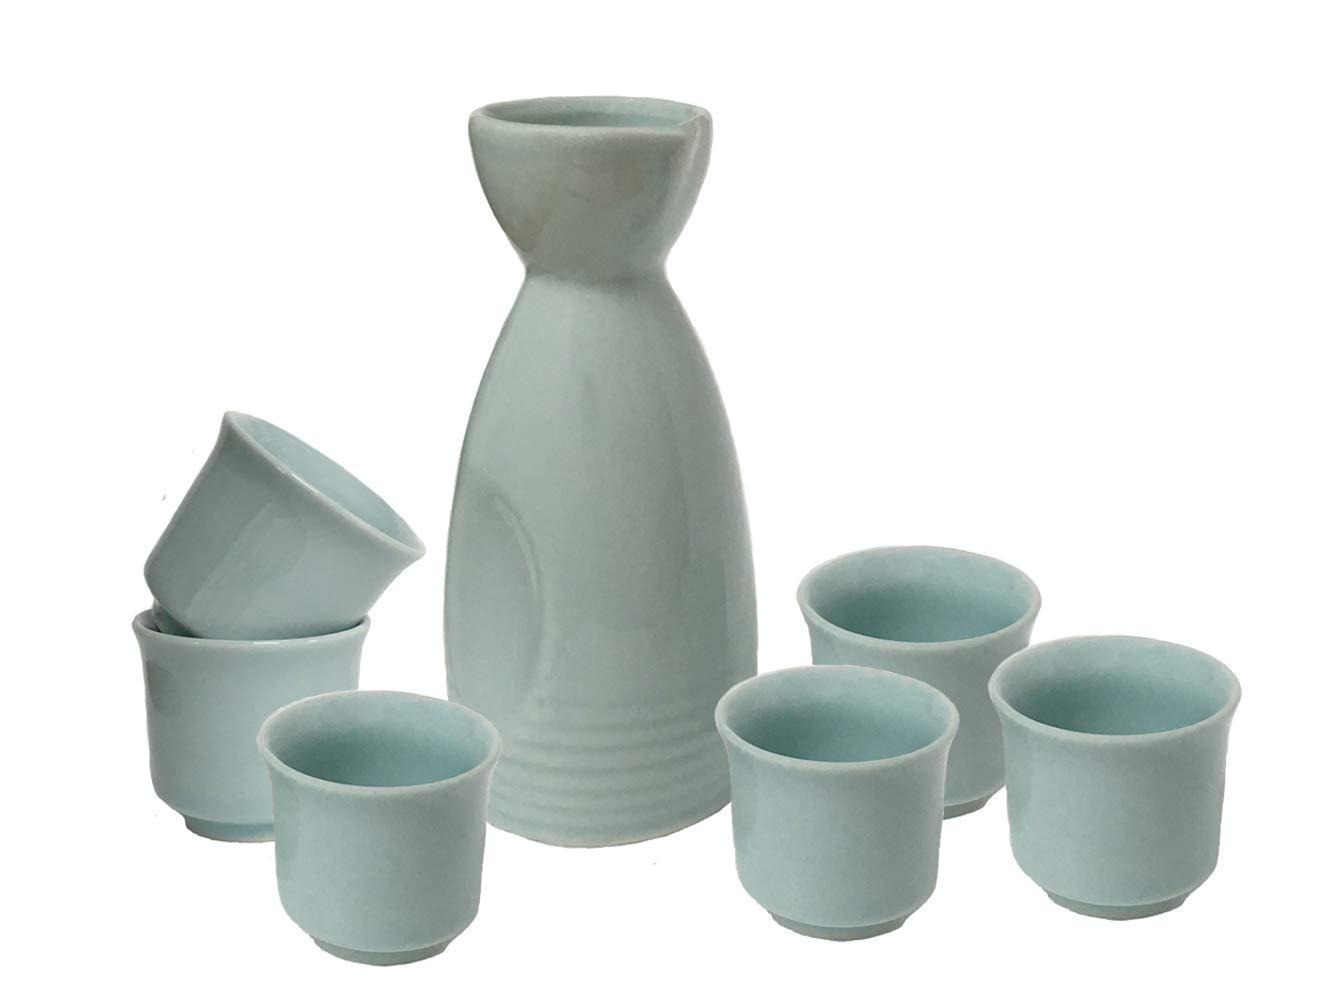 KCHAIN 7 in 1 Ceramic Sake Set include 1PC 9oz/260mL Sake Carafe and 6 PCS 1.7oz/50mL Sake Cups